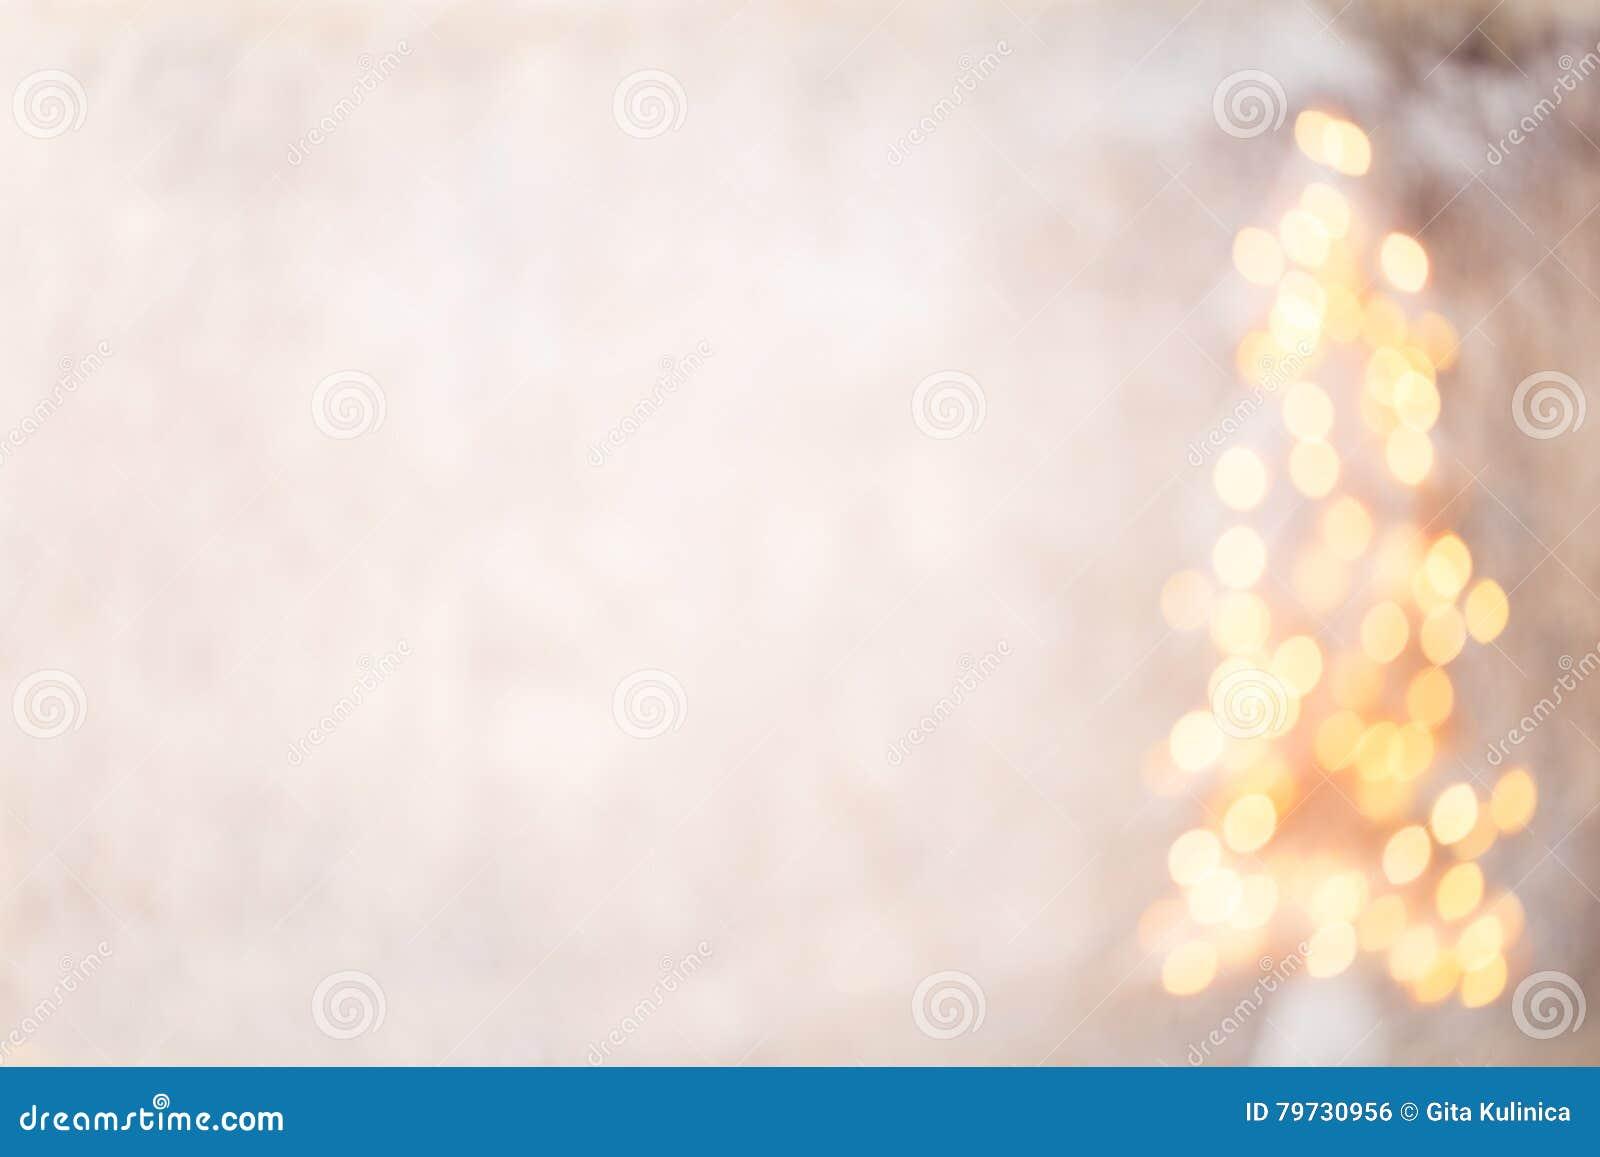 Silueta Defocused del árbol de navidad con las luces borrosas